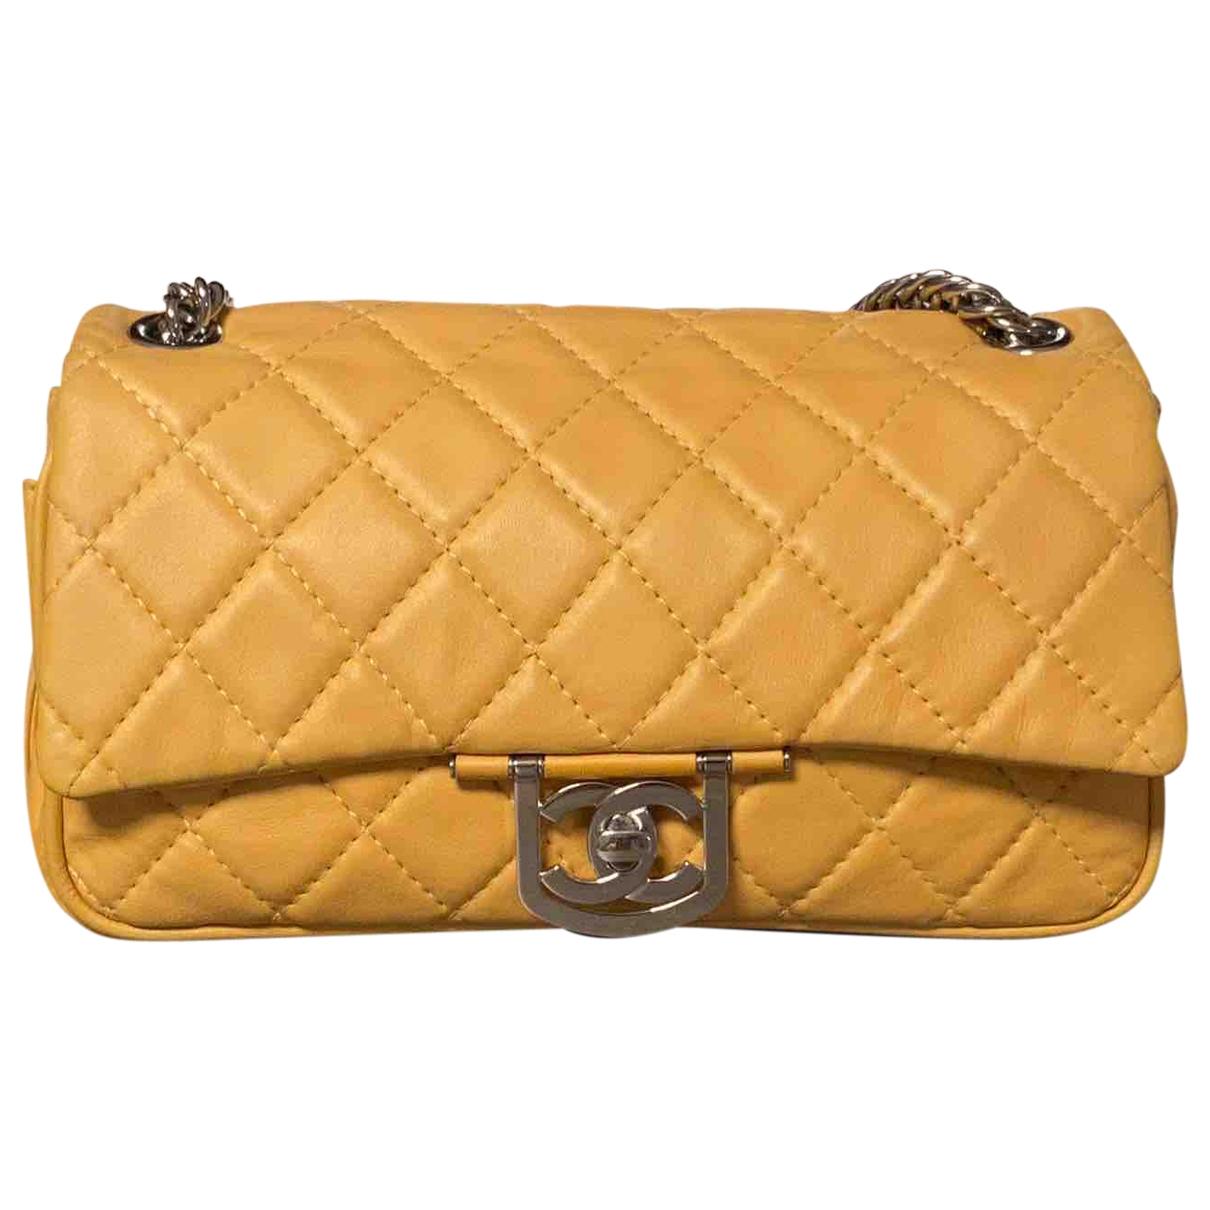 Chanel - Sac a main   pour femme en cuir - jaune